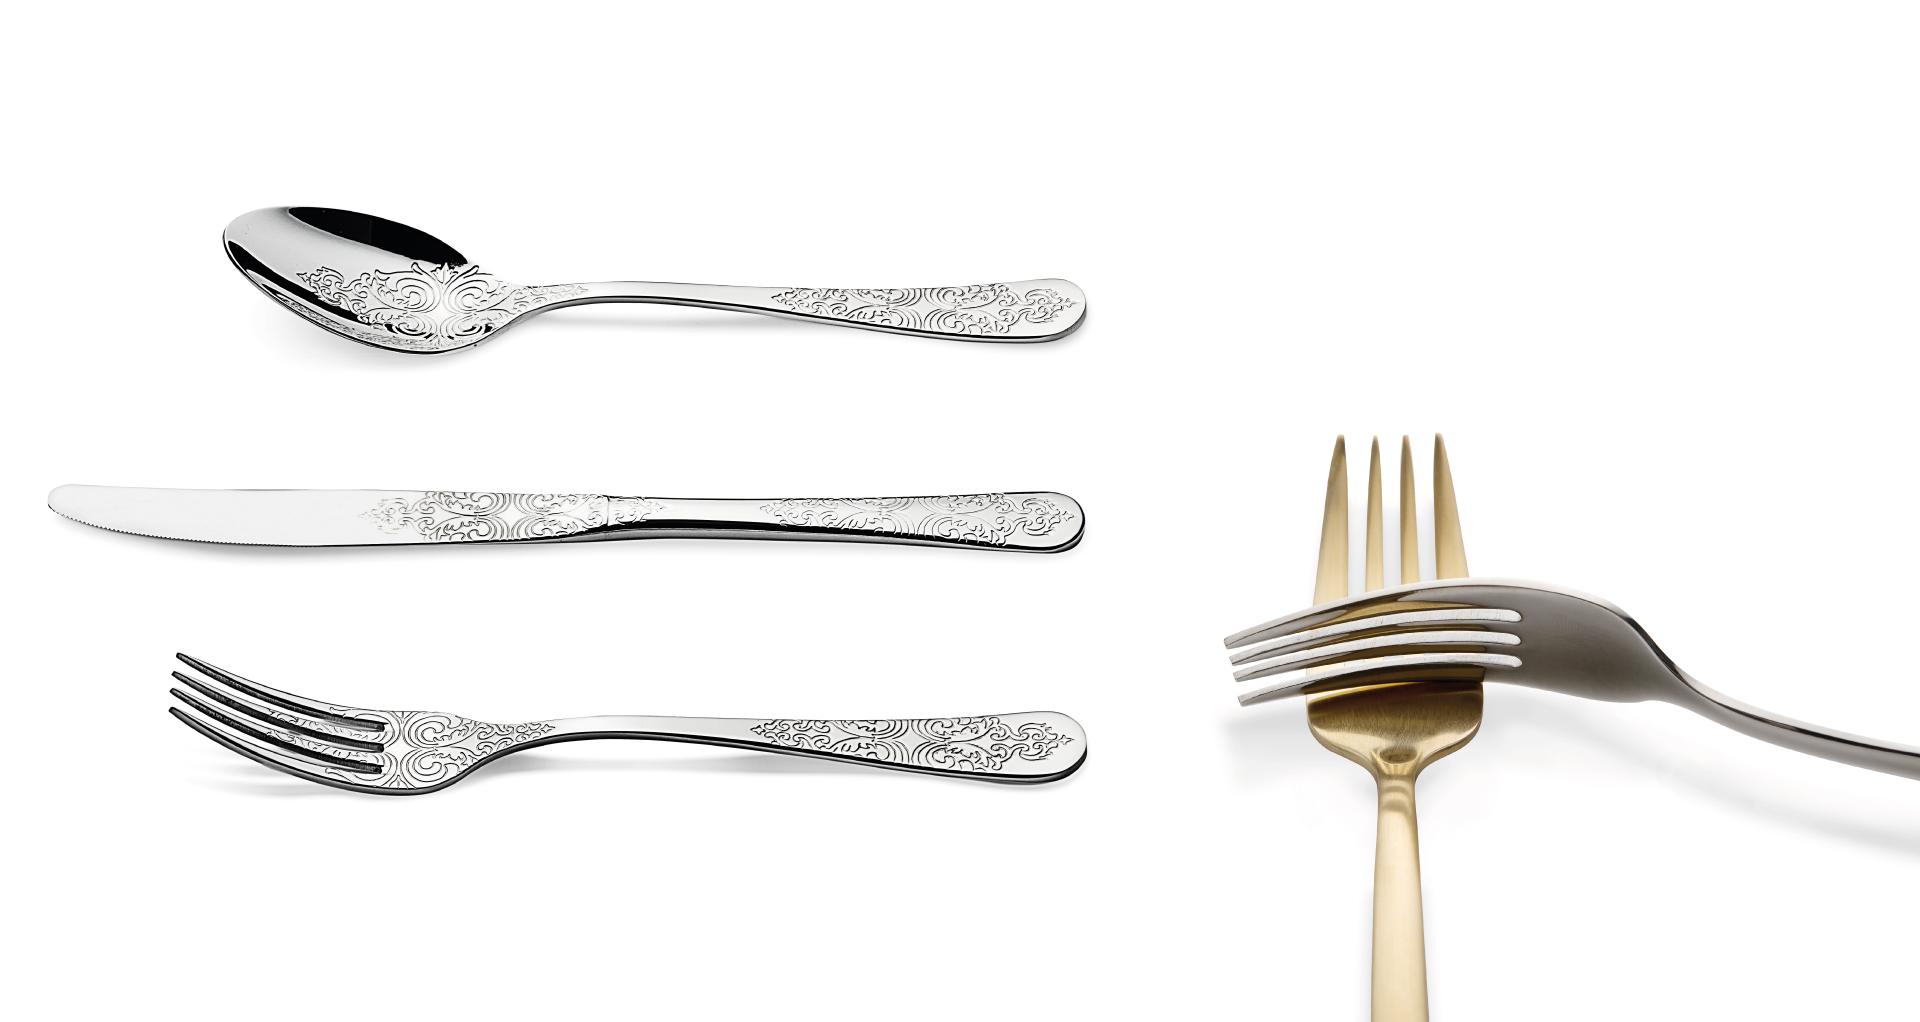 Imagens dos produtos da marca Cristema, que constam no catálogo esse desenvolvido pela UNIFYe que são utilizadas nos esforços de Marketing e Comunicação